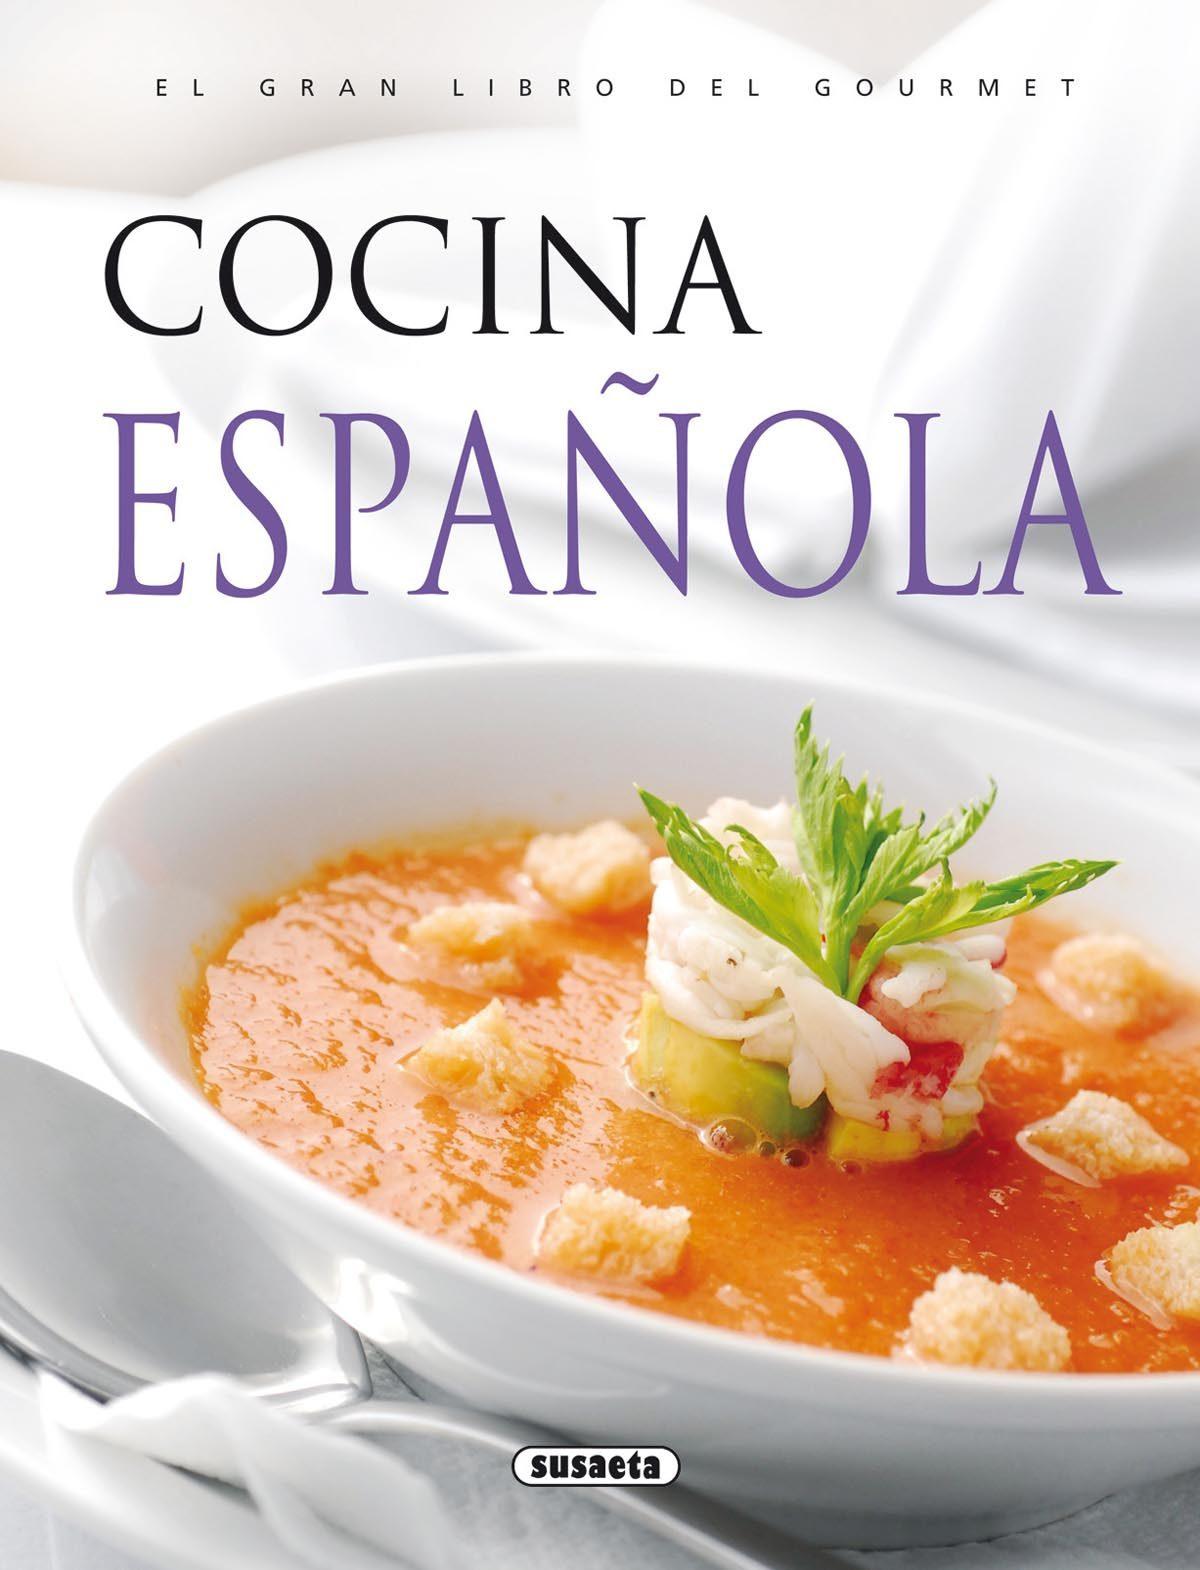 EL GRAN LIBRO DEL GOURMET: COCINA ESPAÑOLA   VV.AA.   Comprar libro ...